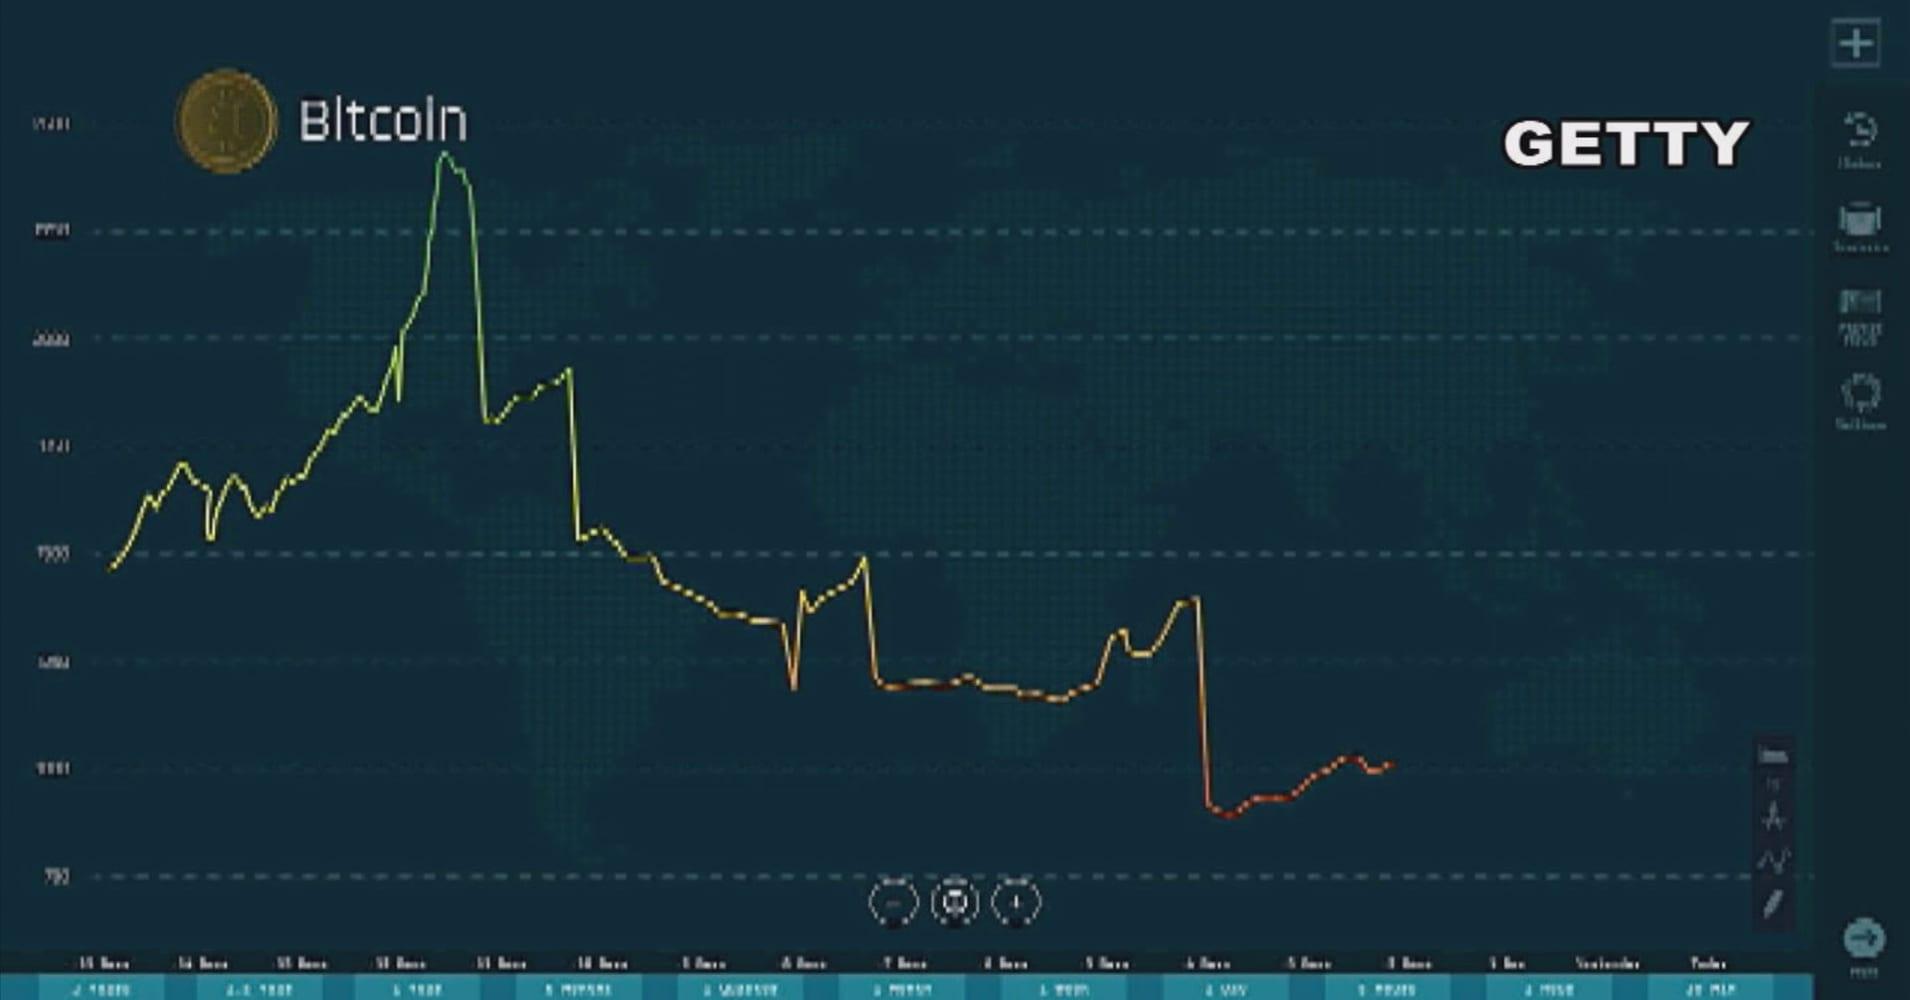 Bitcoin up sevenfold since Warren Buffett warned digital currency was a 'mirage'